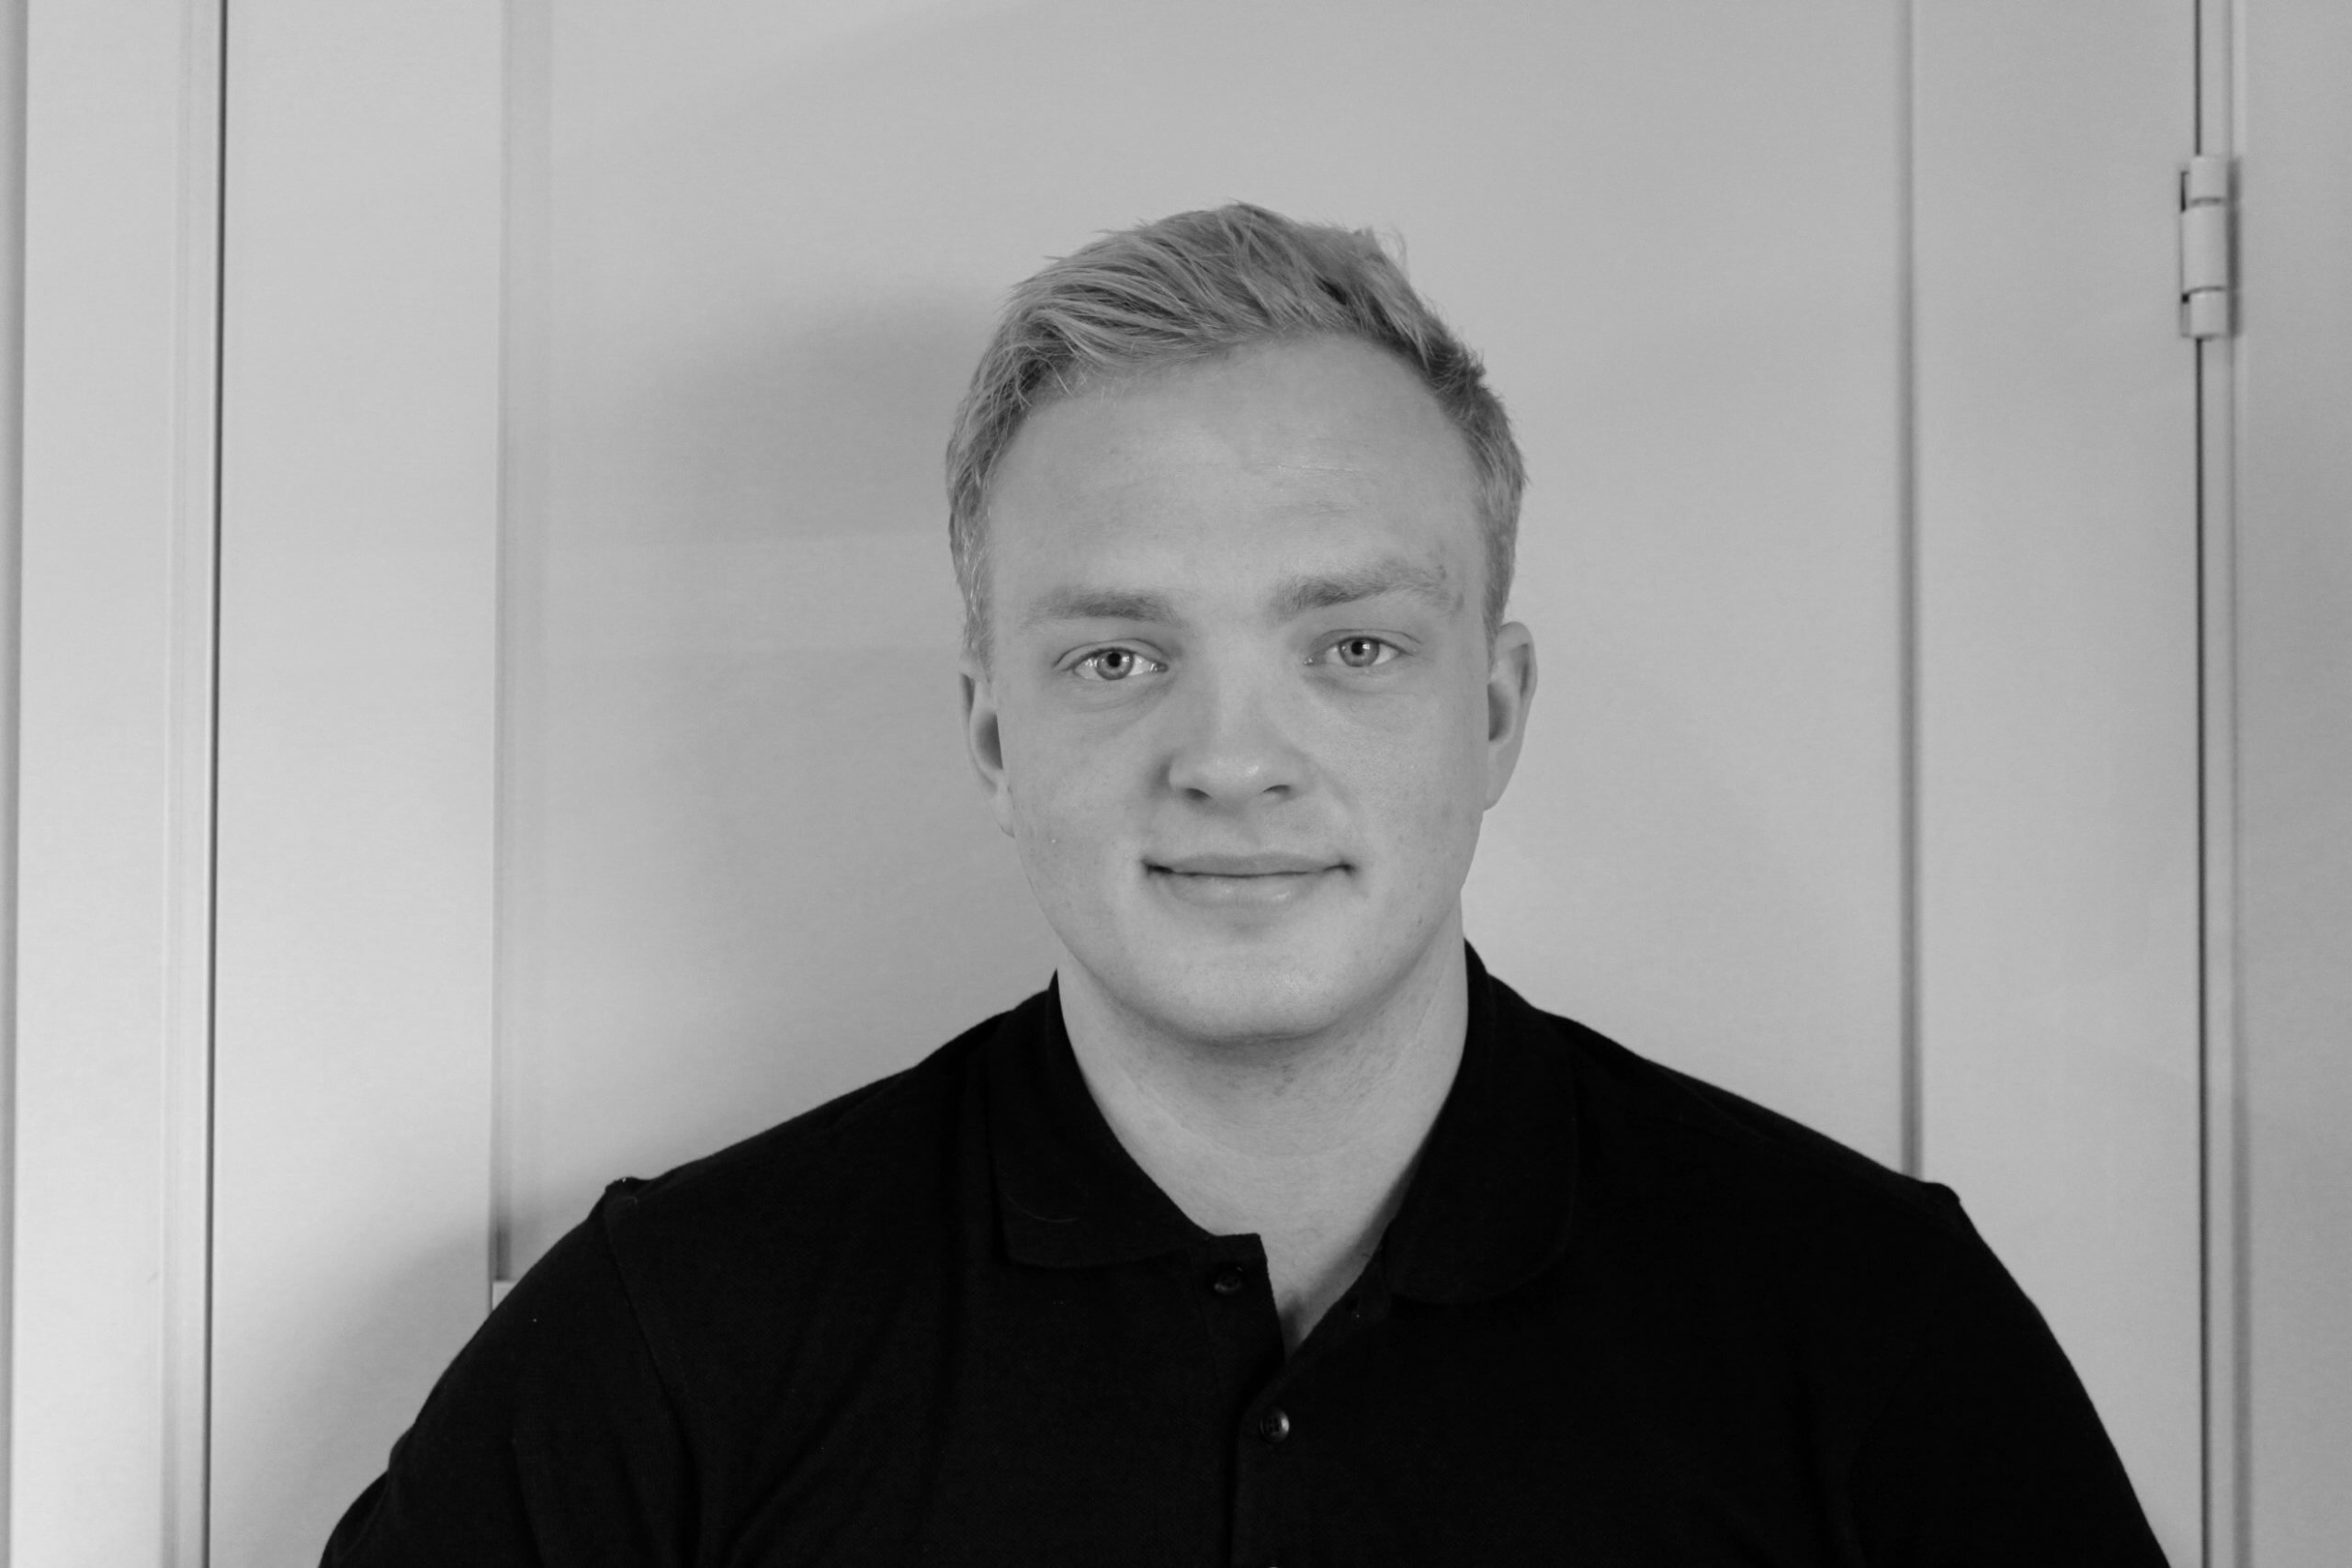 Andreas Østmo Pedersen